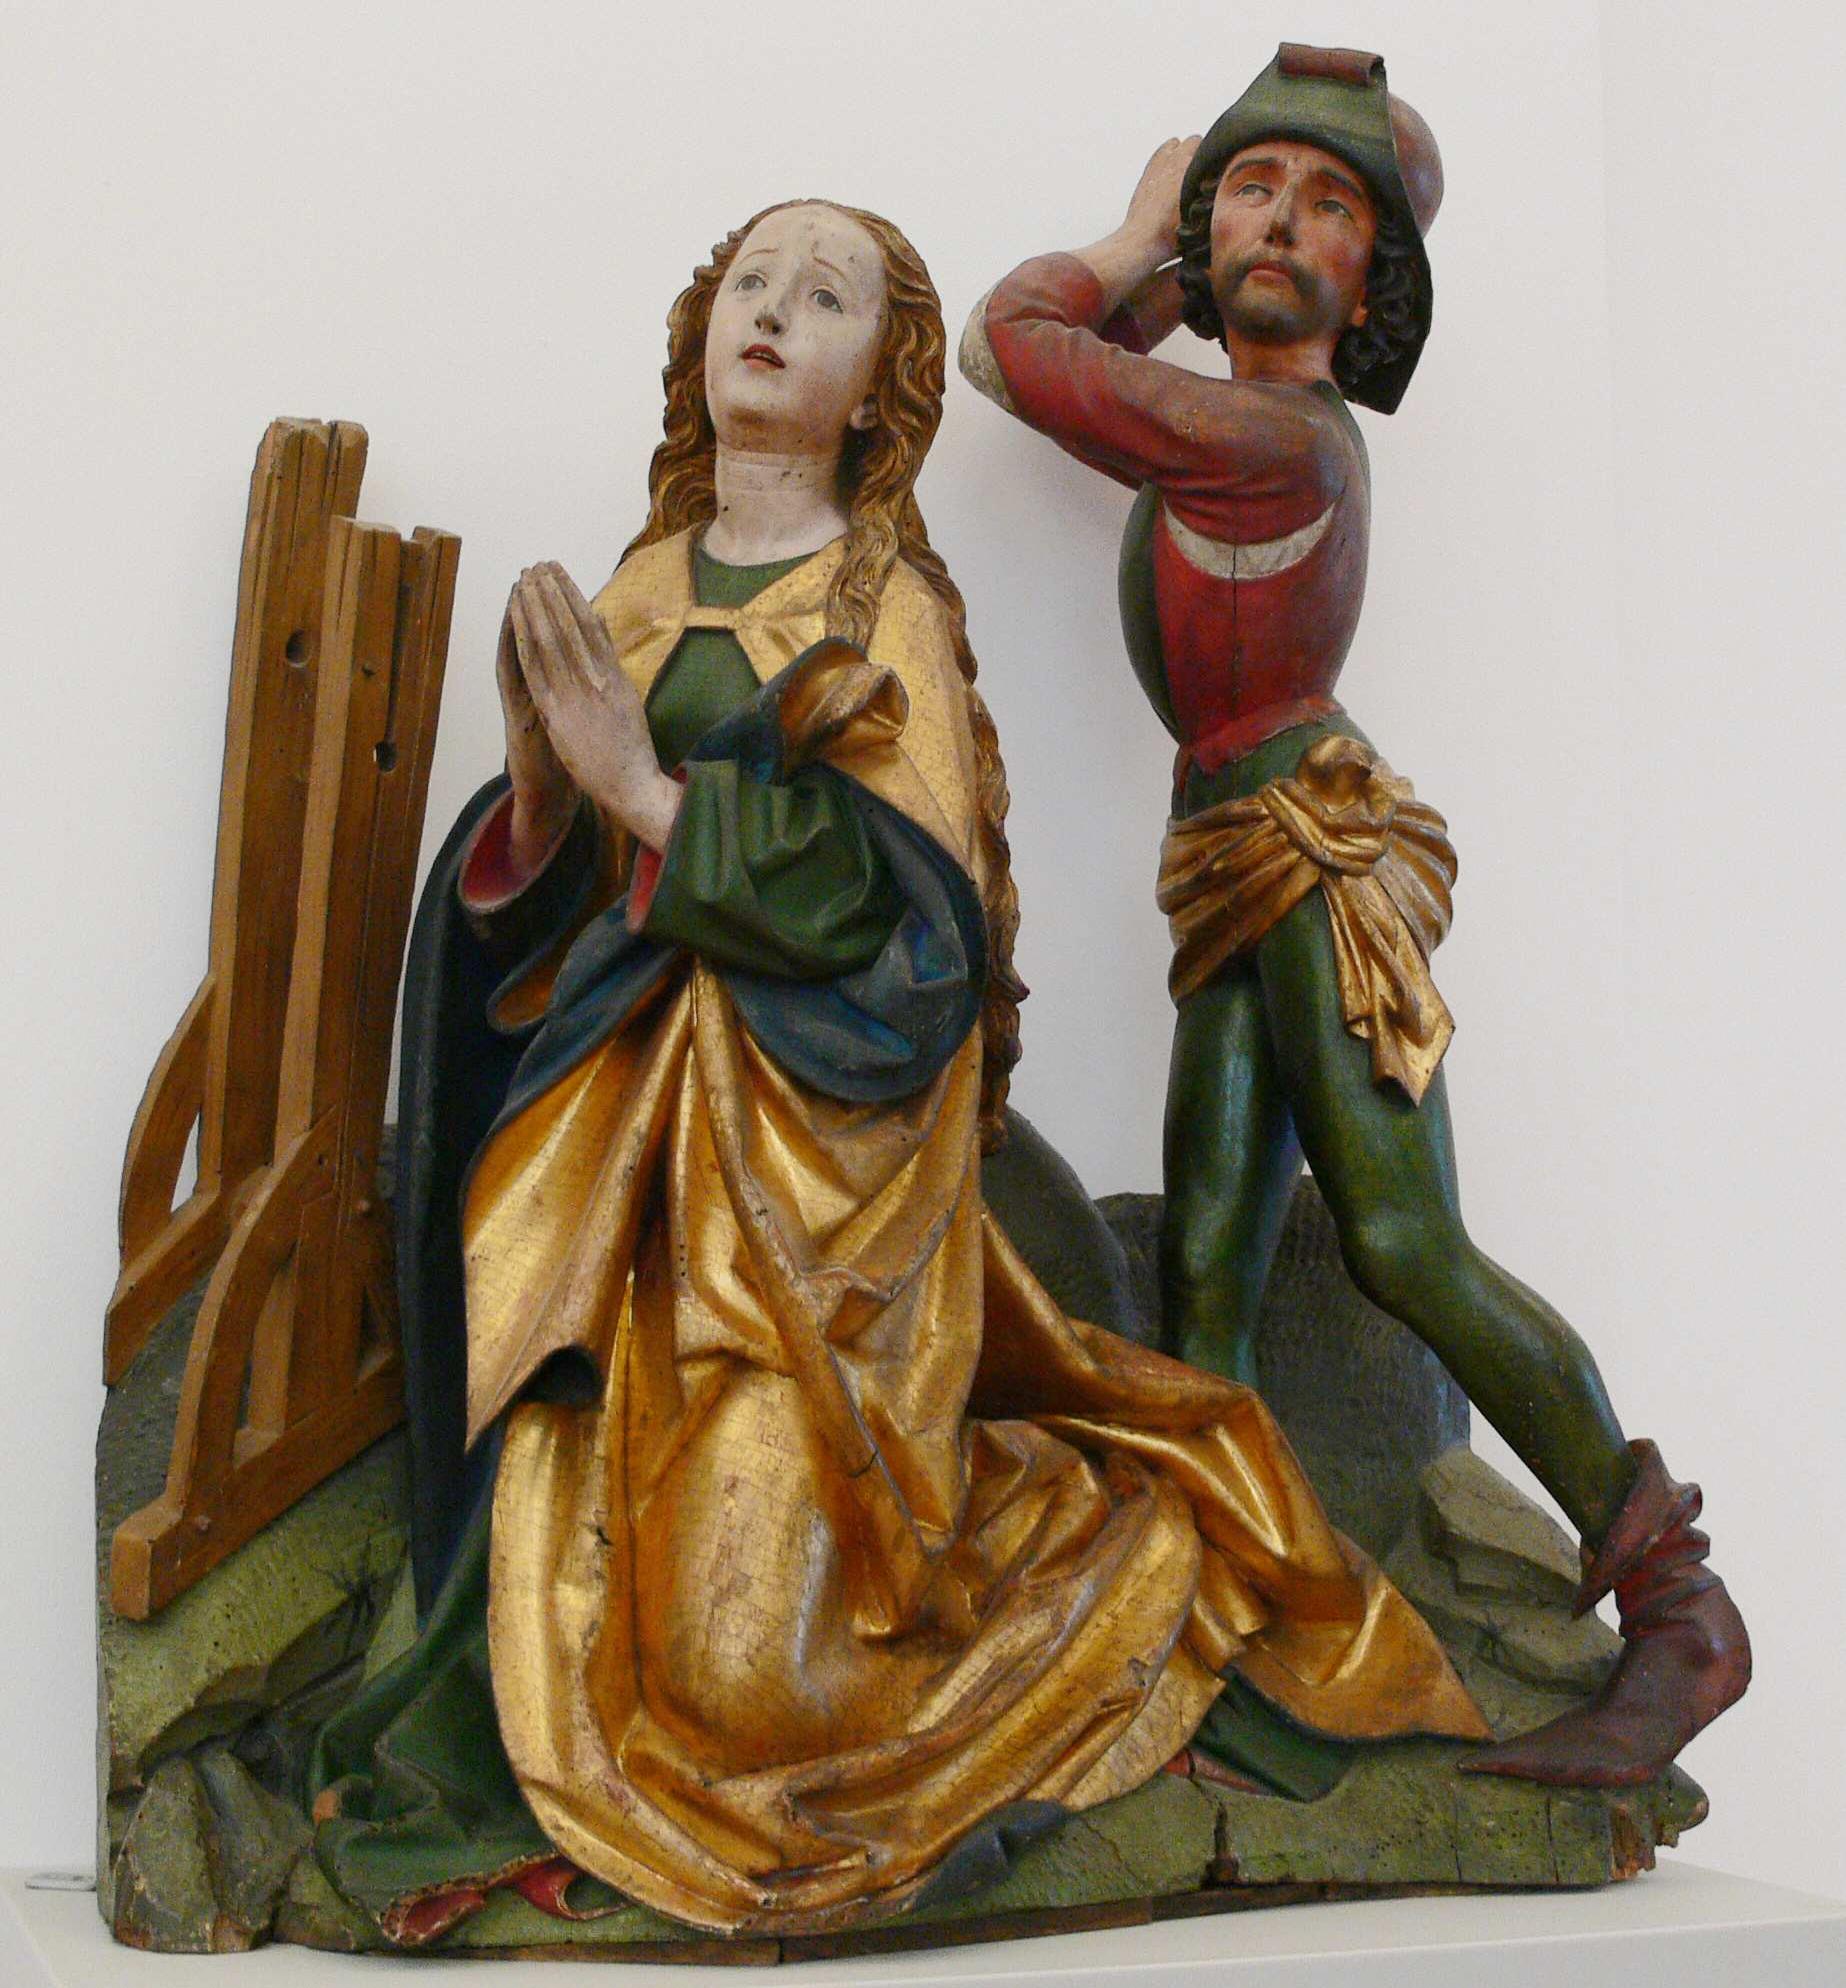 Decapitación de Santa Catalina, posiblemente procedente del retablo de la Iglesia de la Virgen en Ravensburg, ca. 1480, talla en madera. Berlín, Bodemuseum, inv. 423.